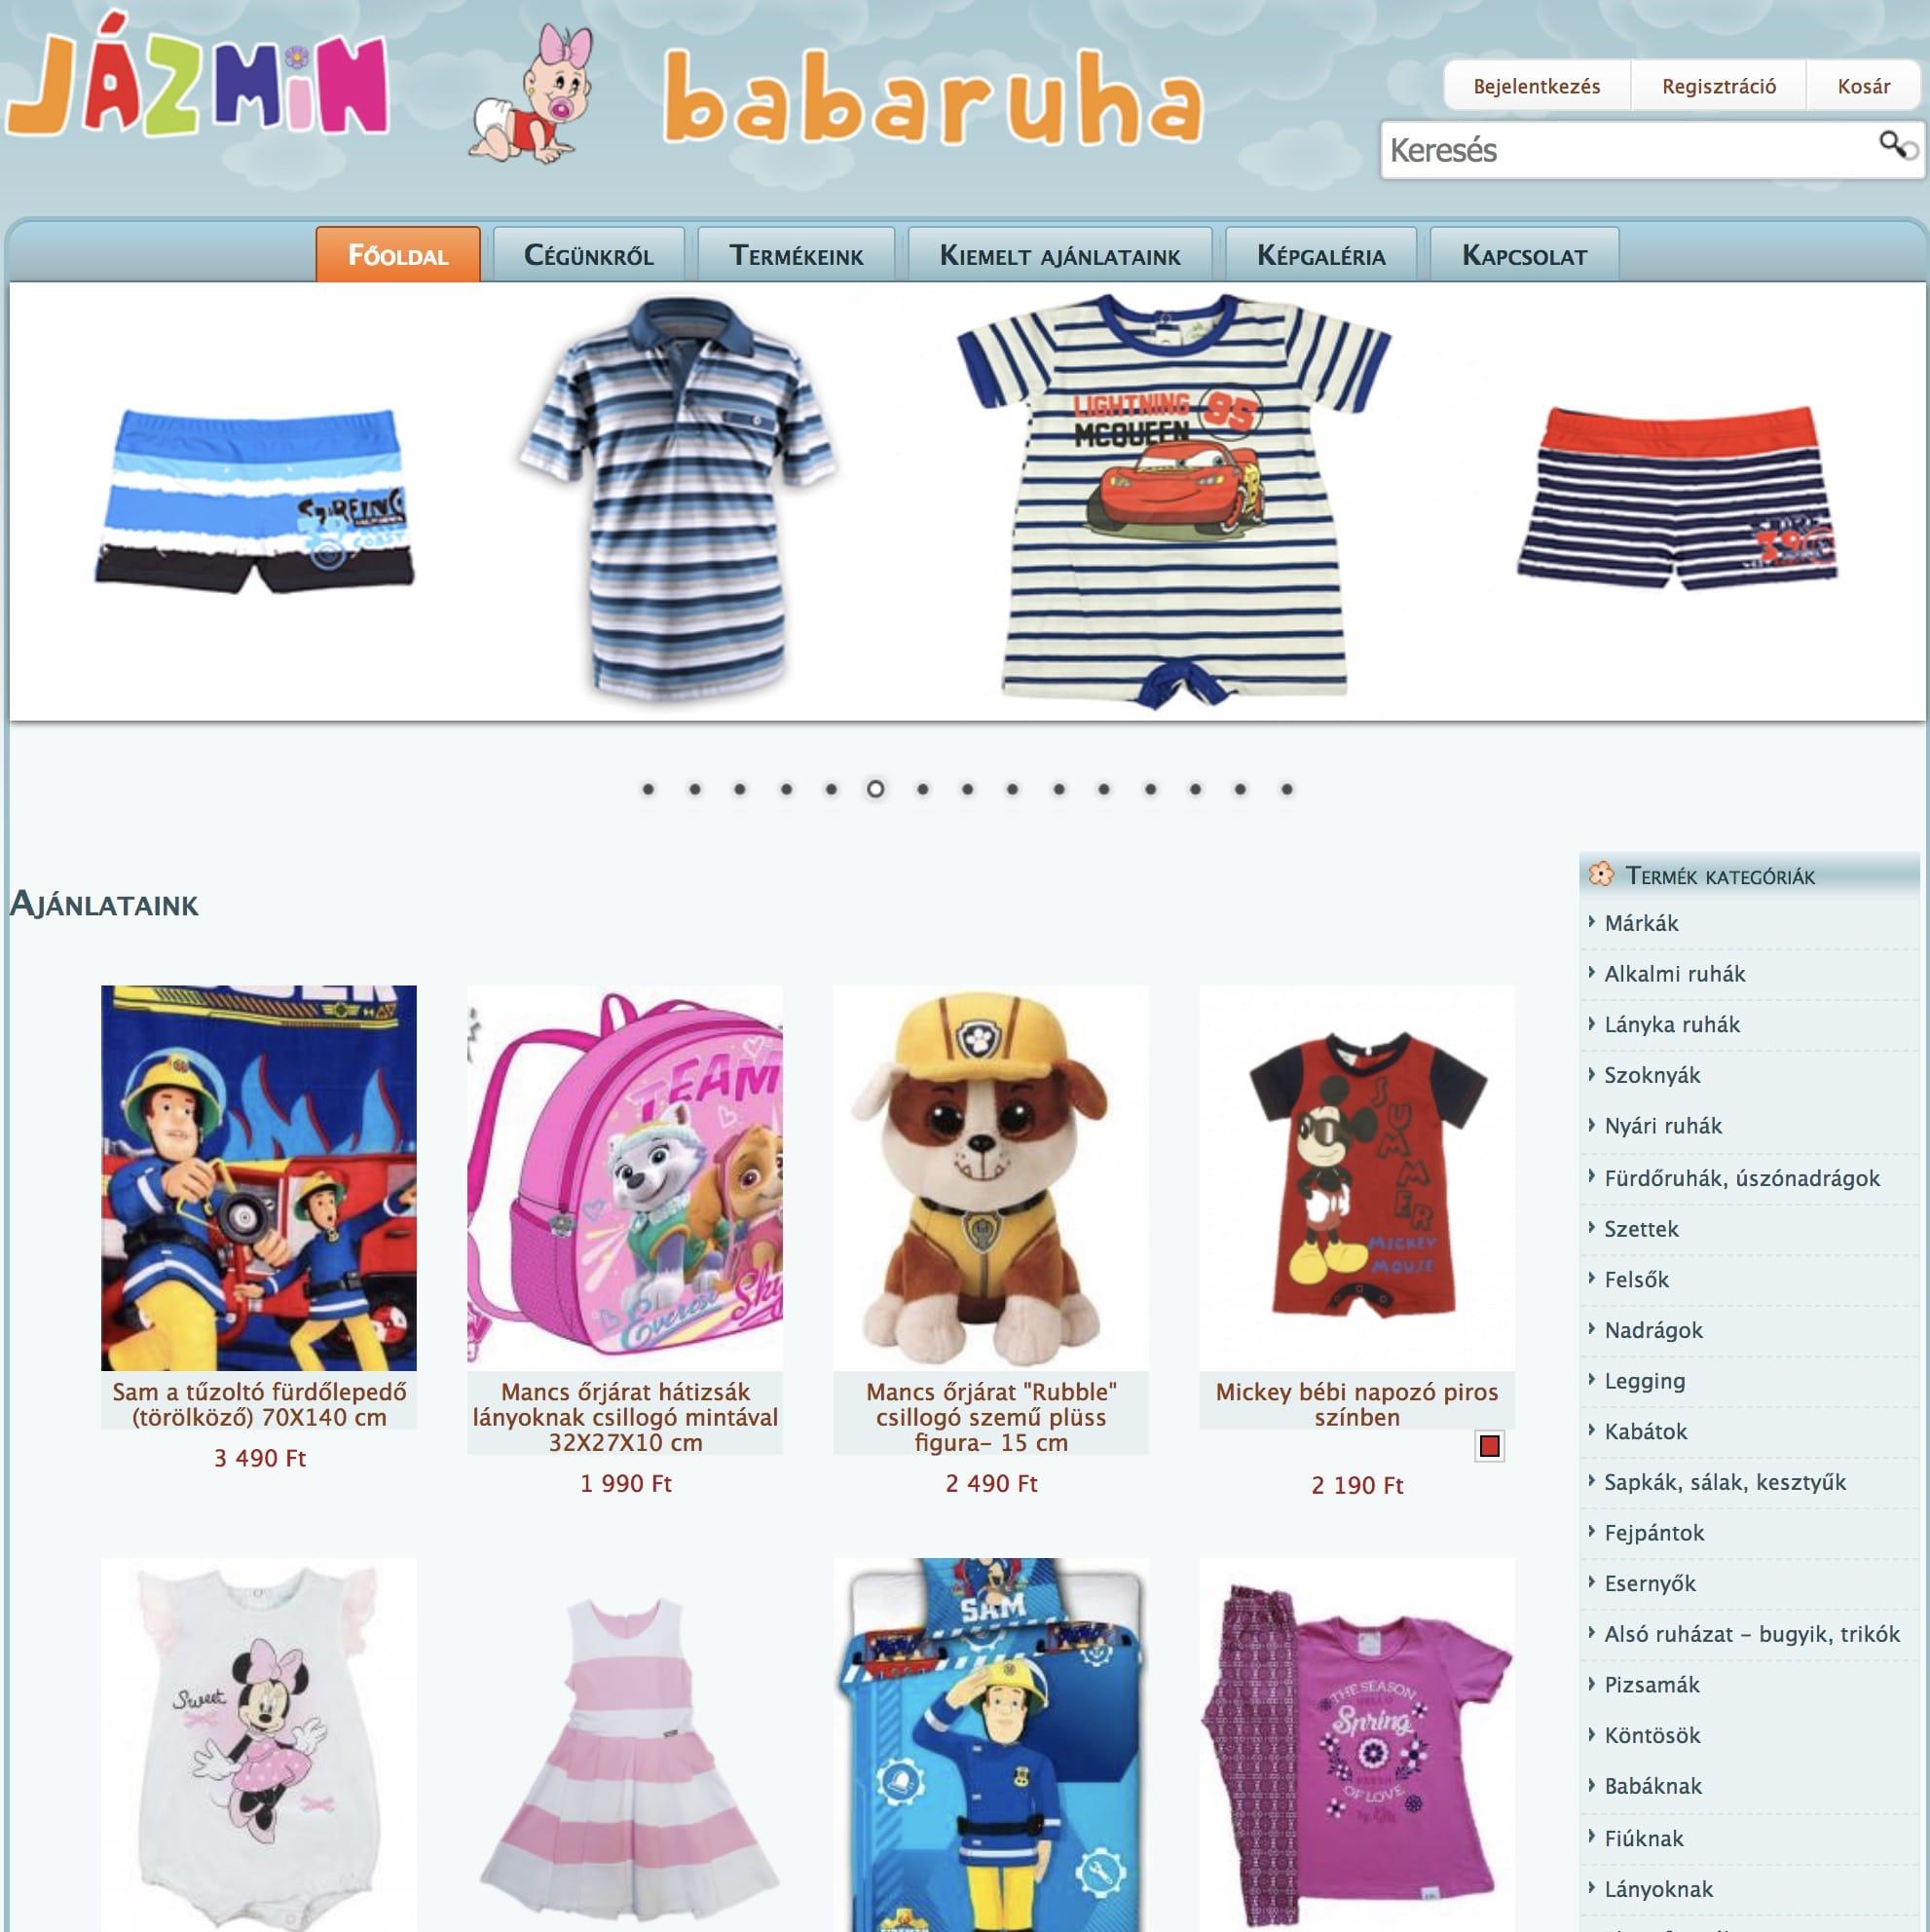 af48111cee Gyermekruhákat forgalmazó Jázmin babaruha webshop üzemeltetője a webáruház  bérlési formát választotta. A forgalmazott termékek megjelenítésénél  elsősorban a ...